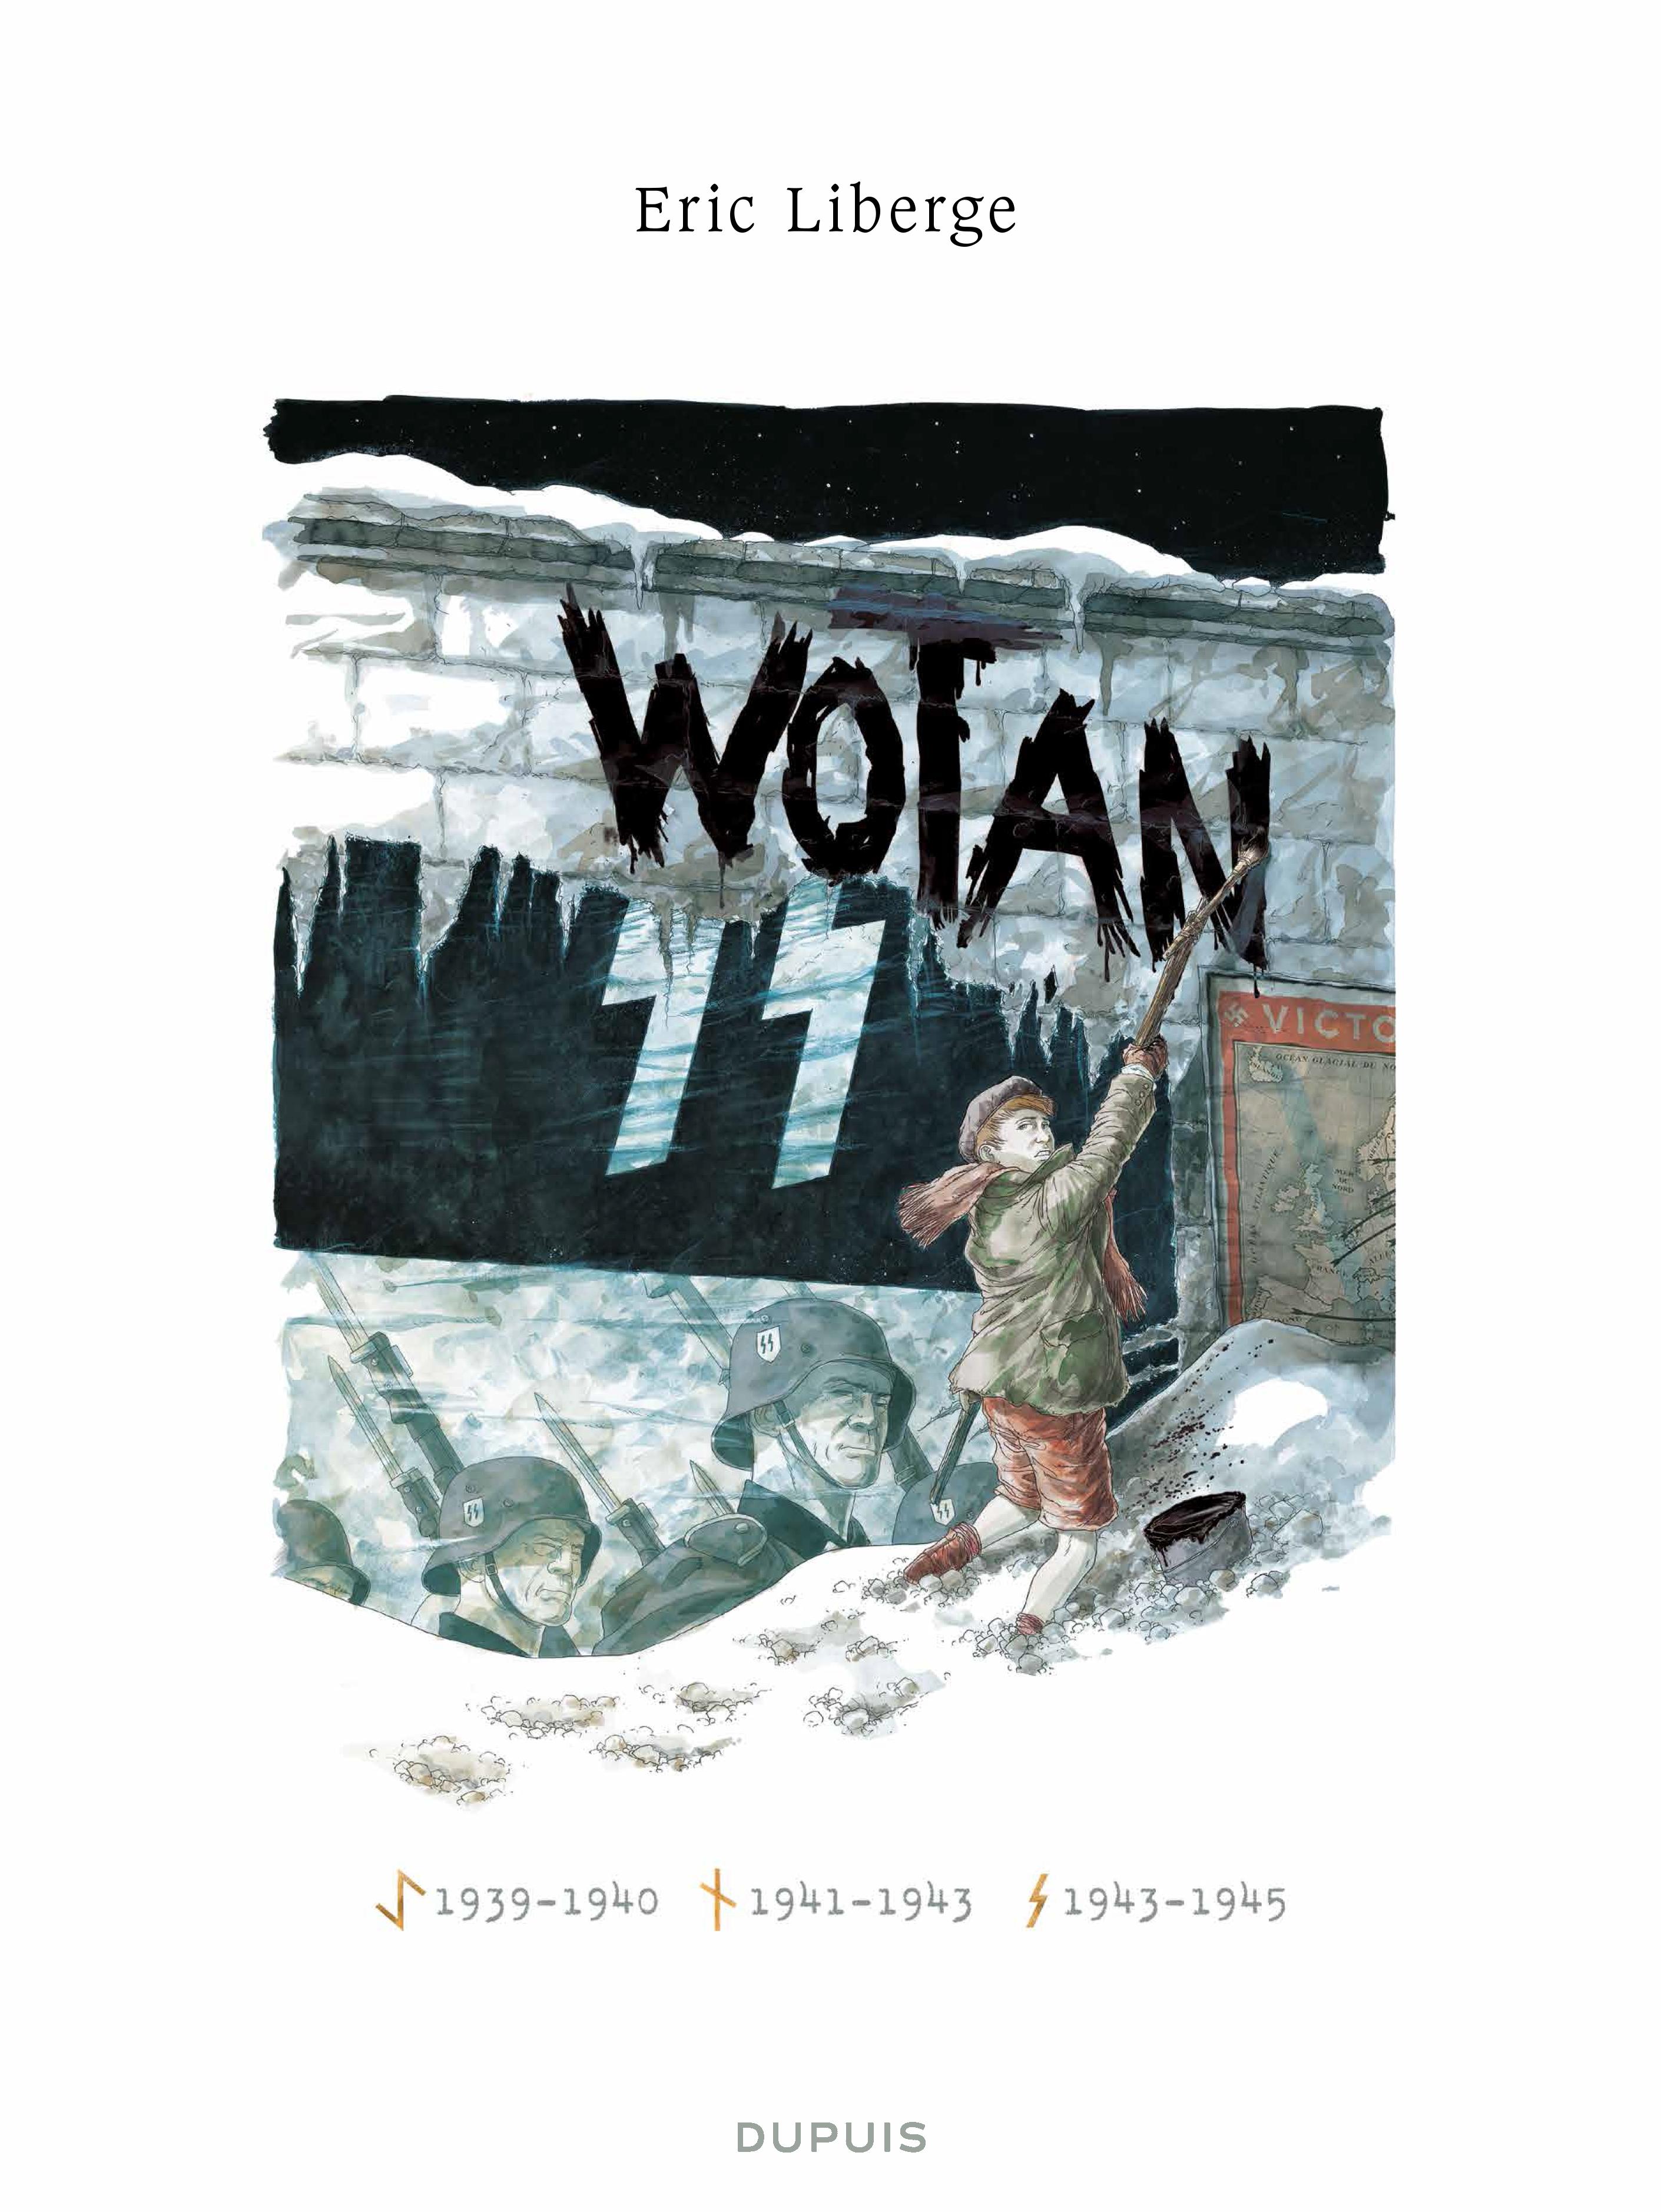 Wotan 1 - Wotan